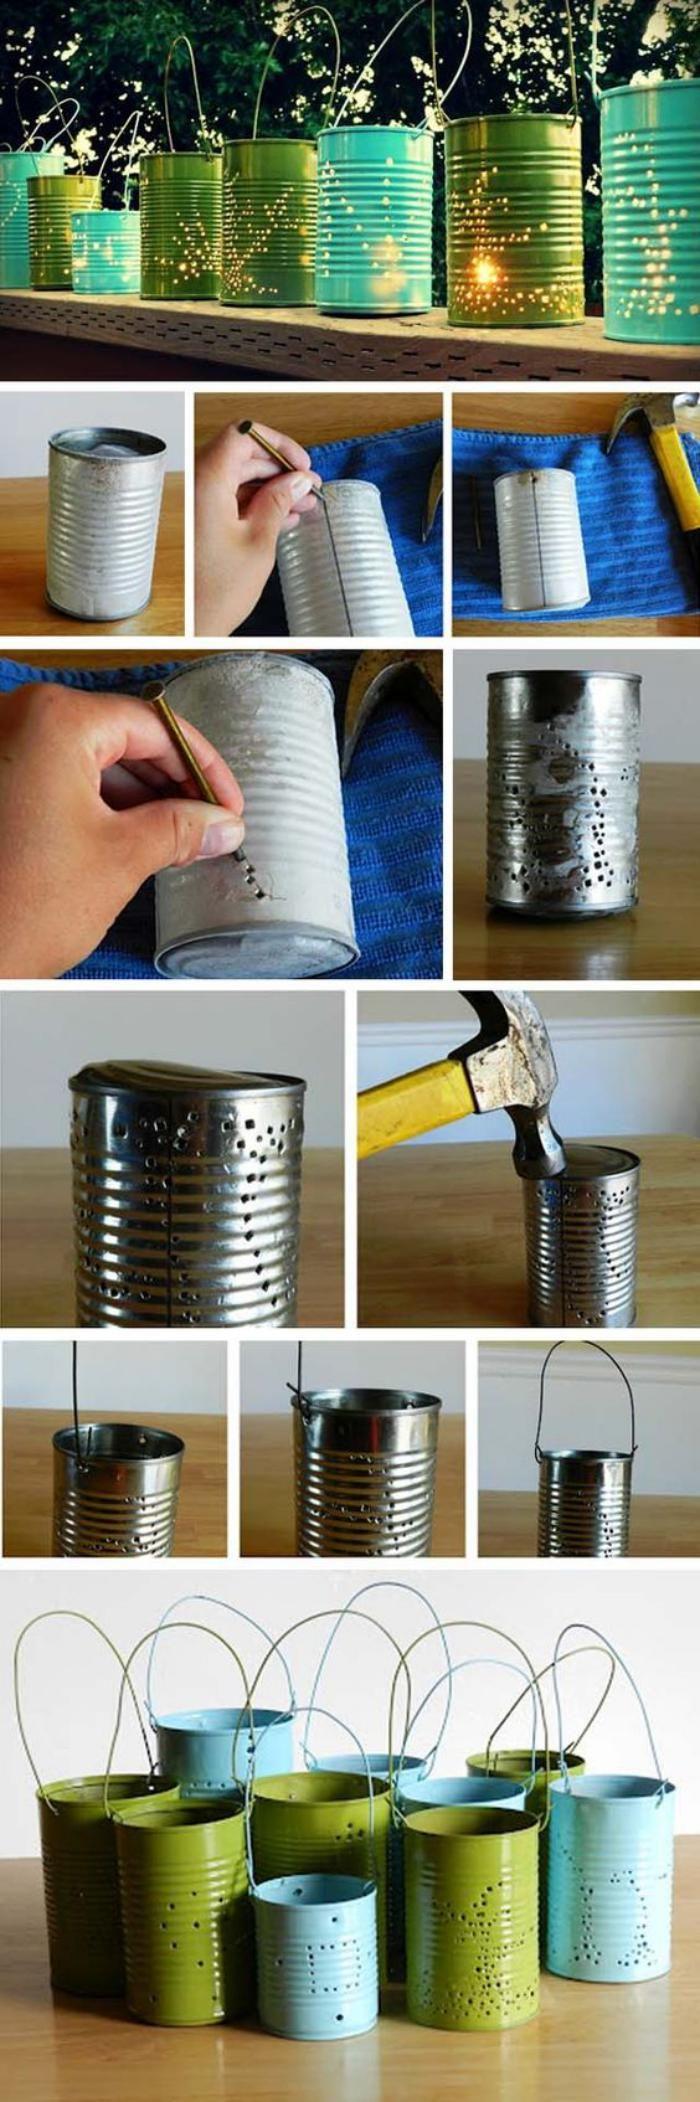 boîte de conserve, photophores originaux avec boites de conserve trouées